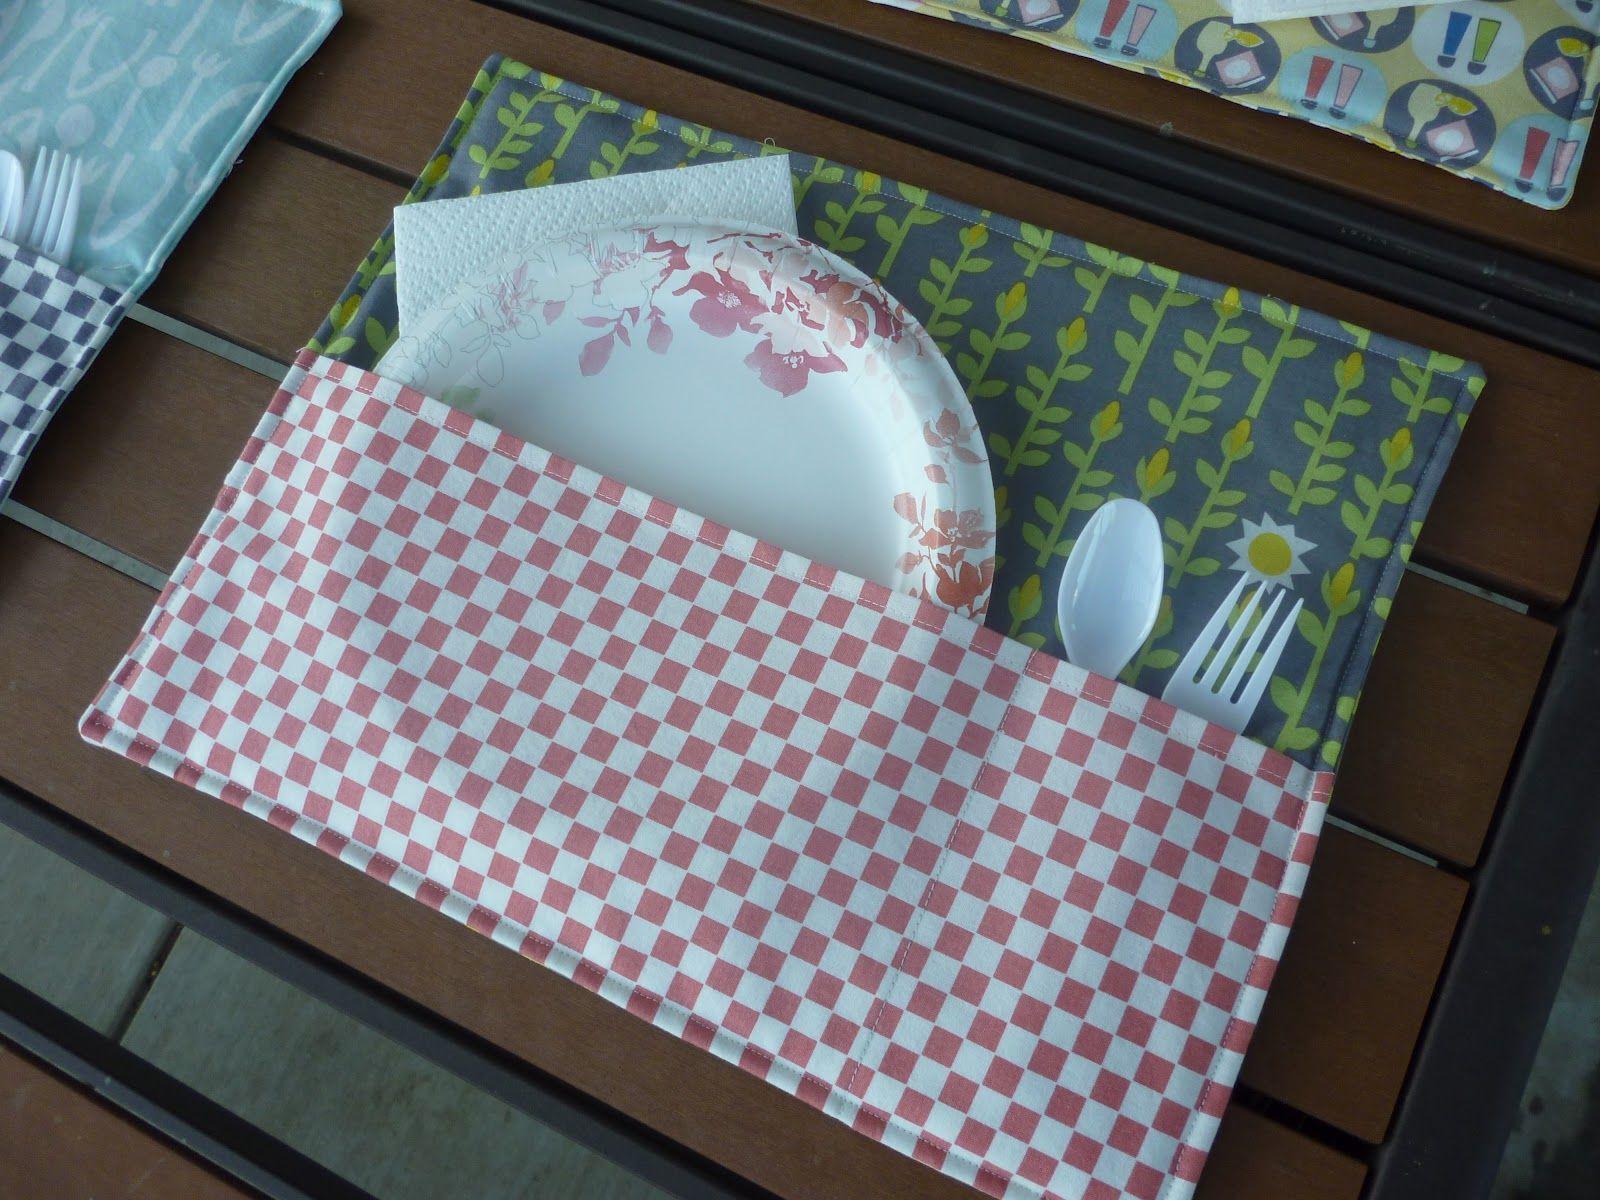 Si tienes retales por casa, puedes hacer esta especie de  bolsita mantel y tener preparados varios con los platos y cubiertos dentro. De e...